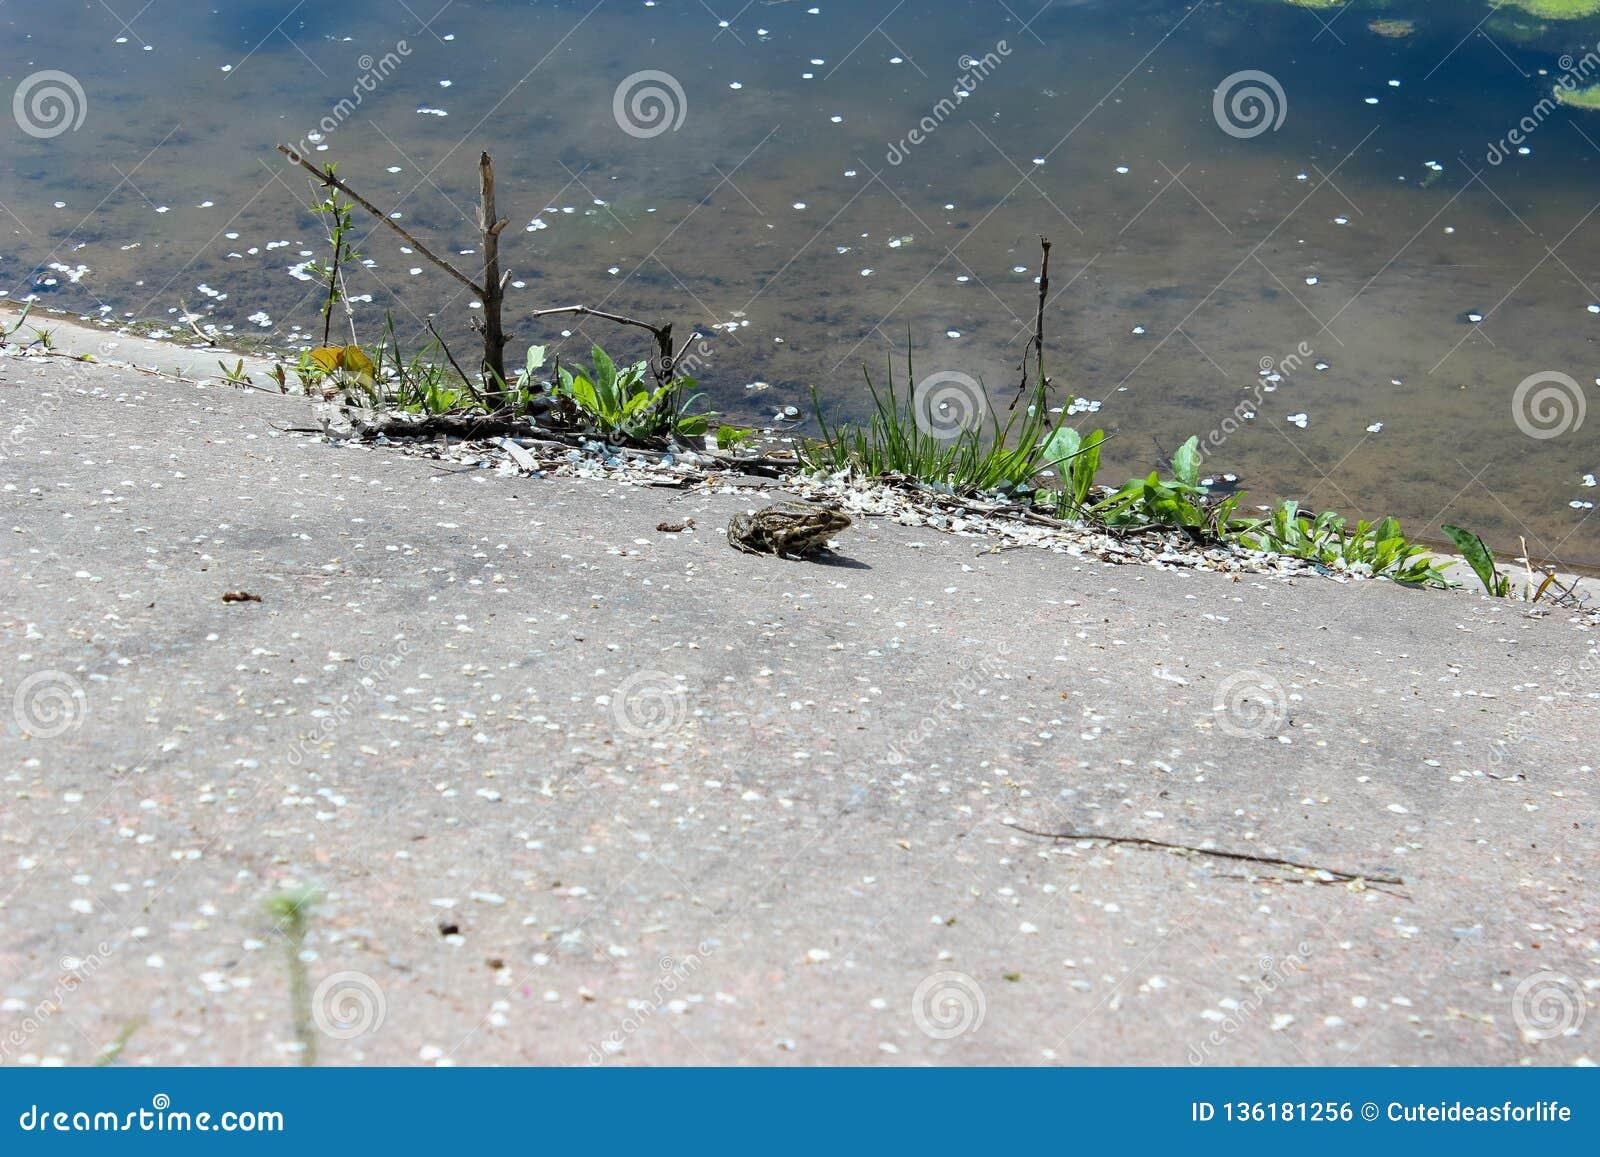 Συνεδρίαση βατράχων στη λίμνη ακτών